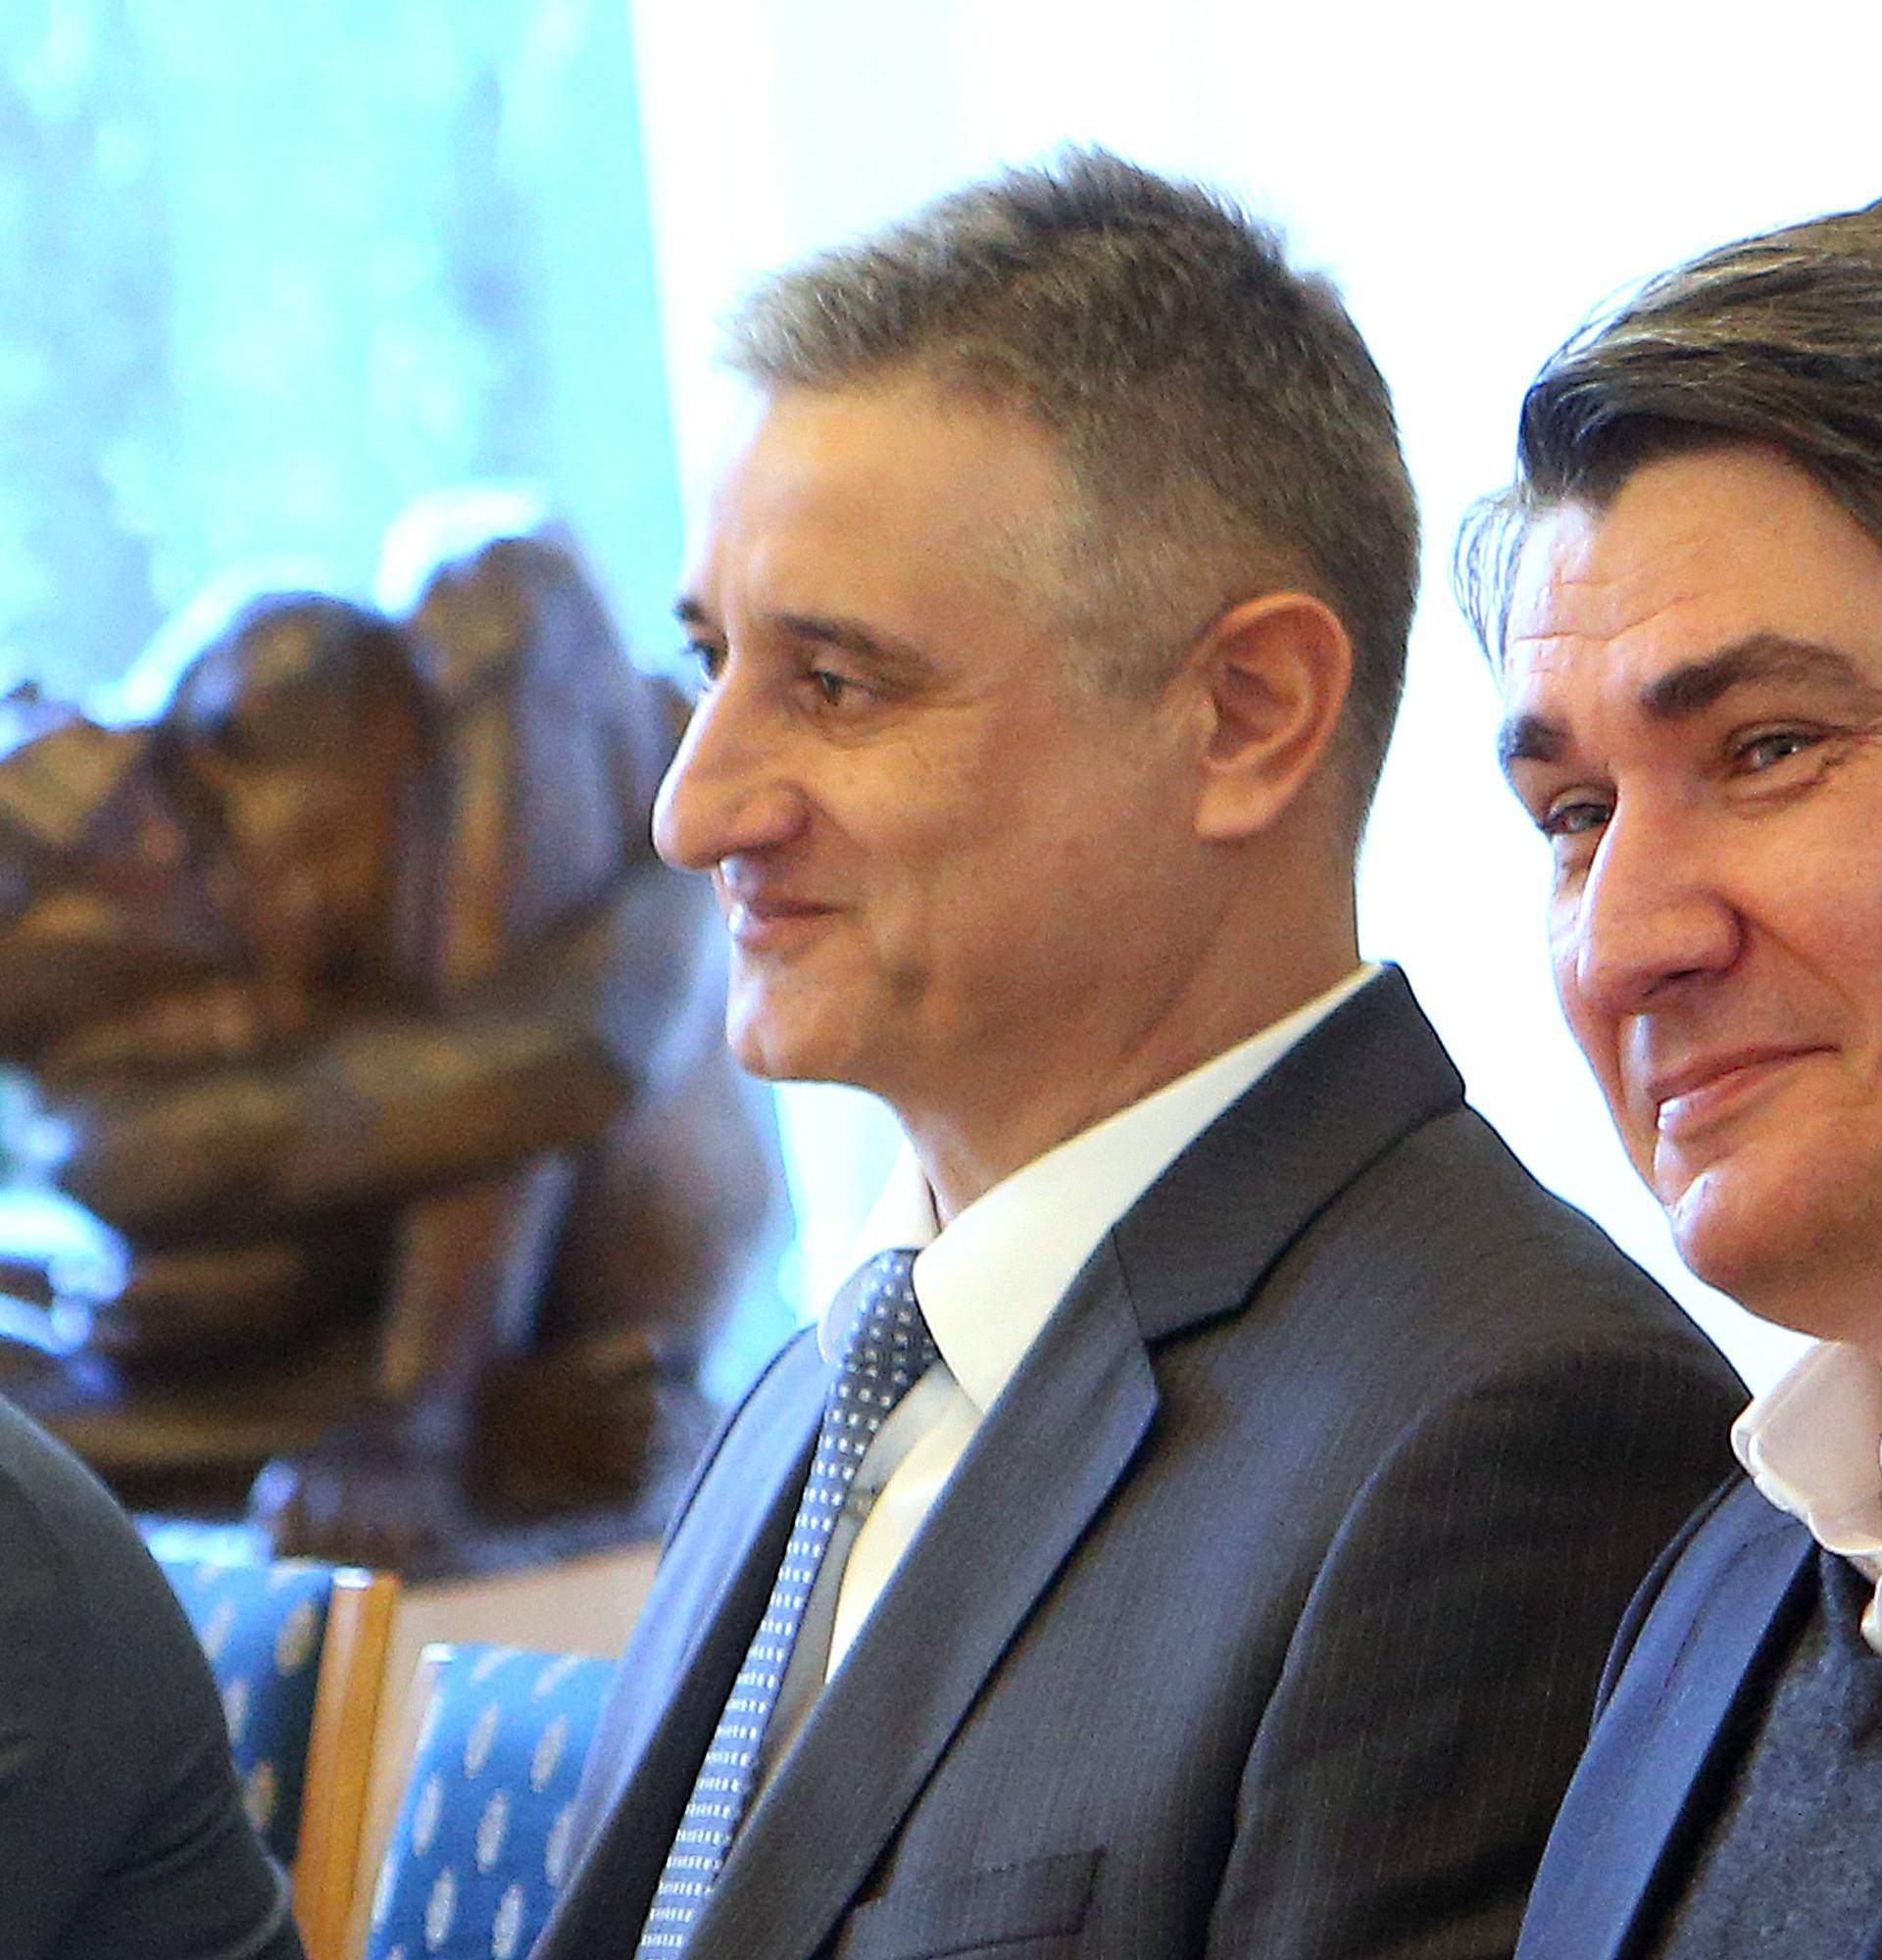 Hrvatska klizi prema općem nasilju, hoće li raditi i šake?